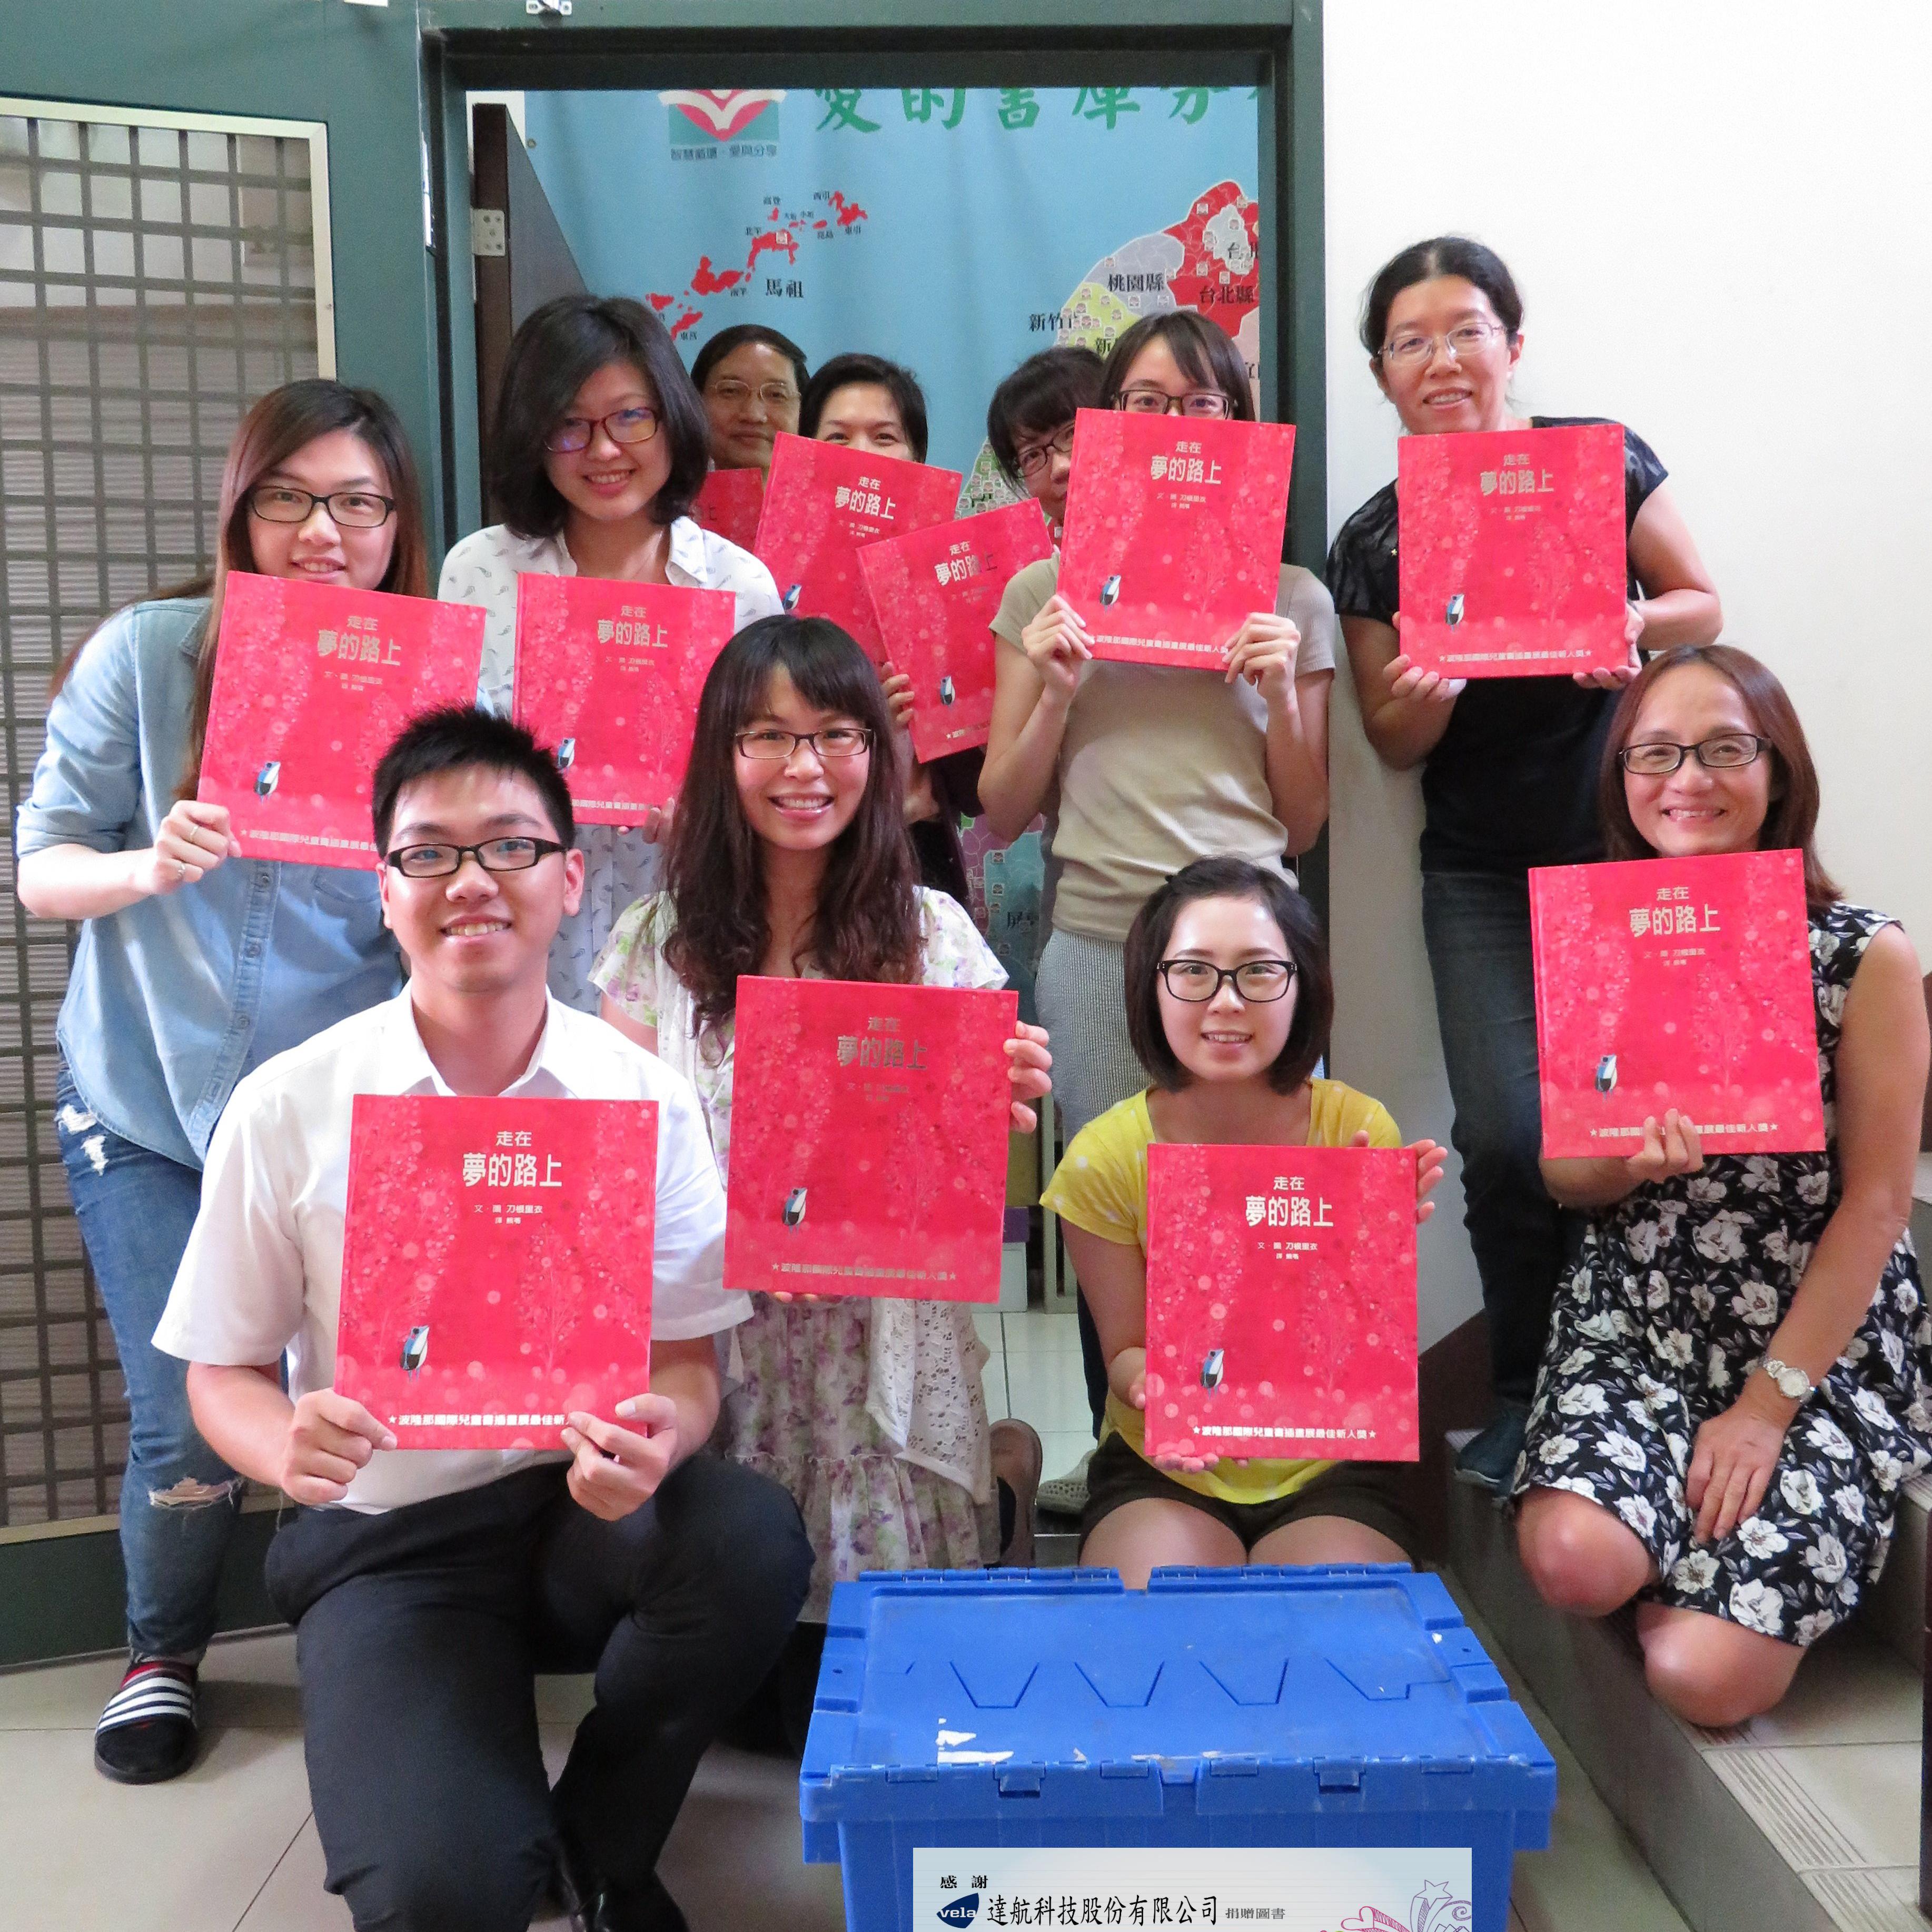 財團法人台灣閱讀文化基金會